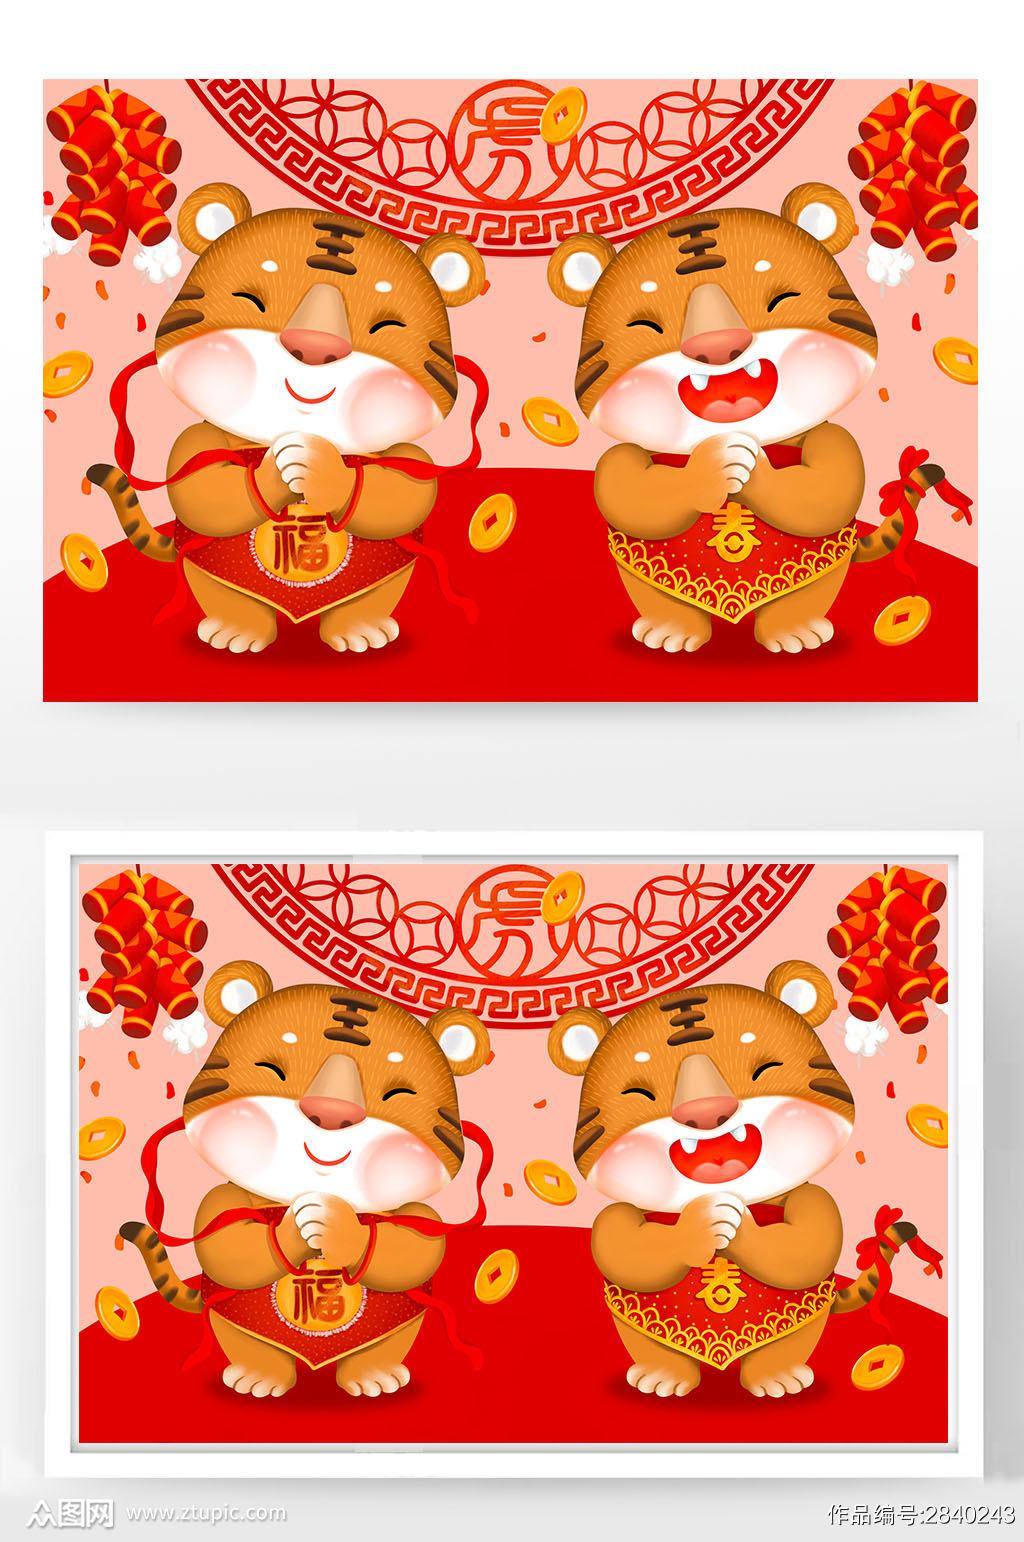 小老虎拜年虎年春节小清新插画素材